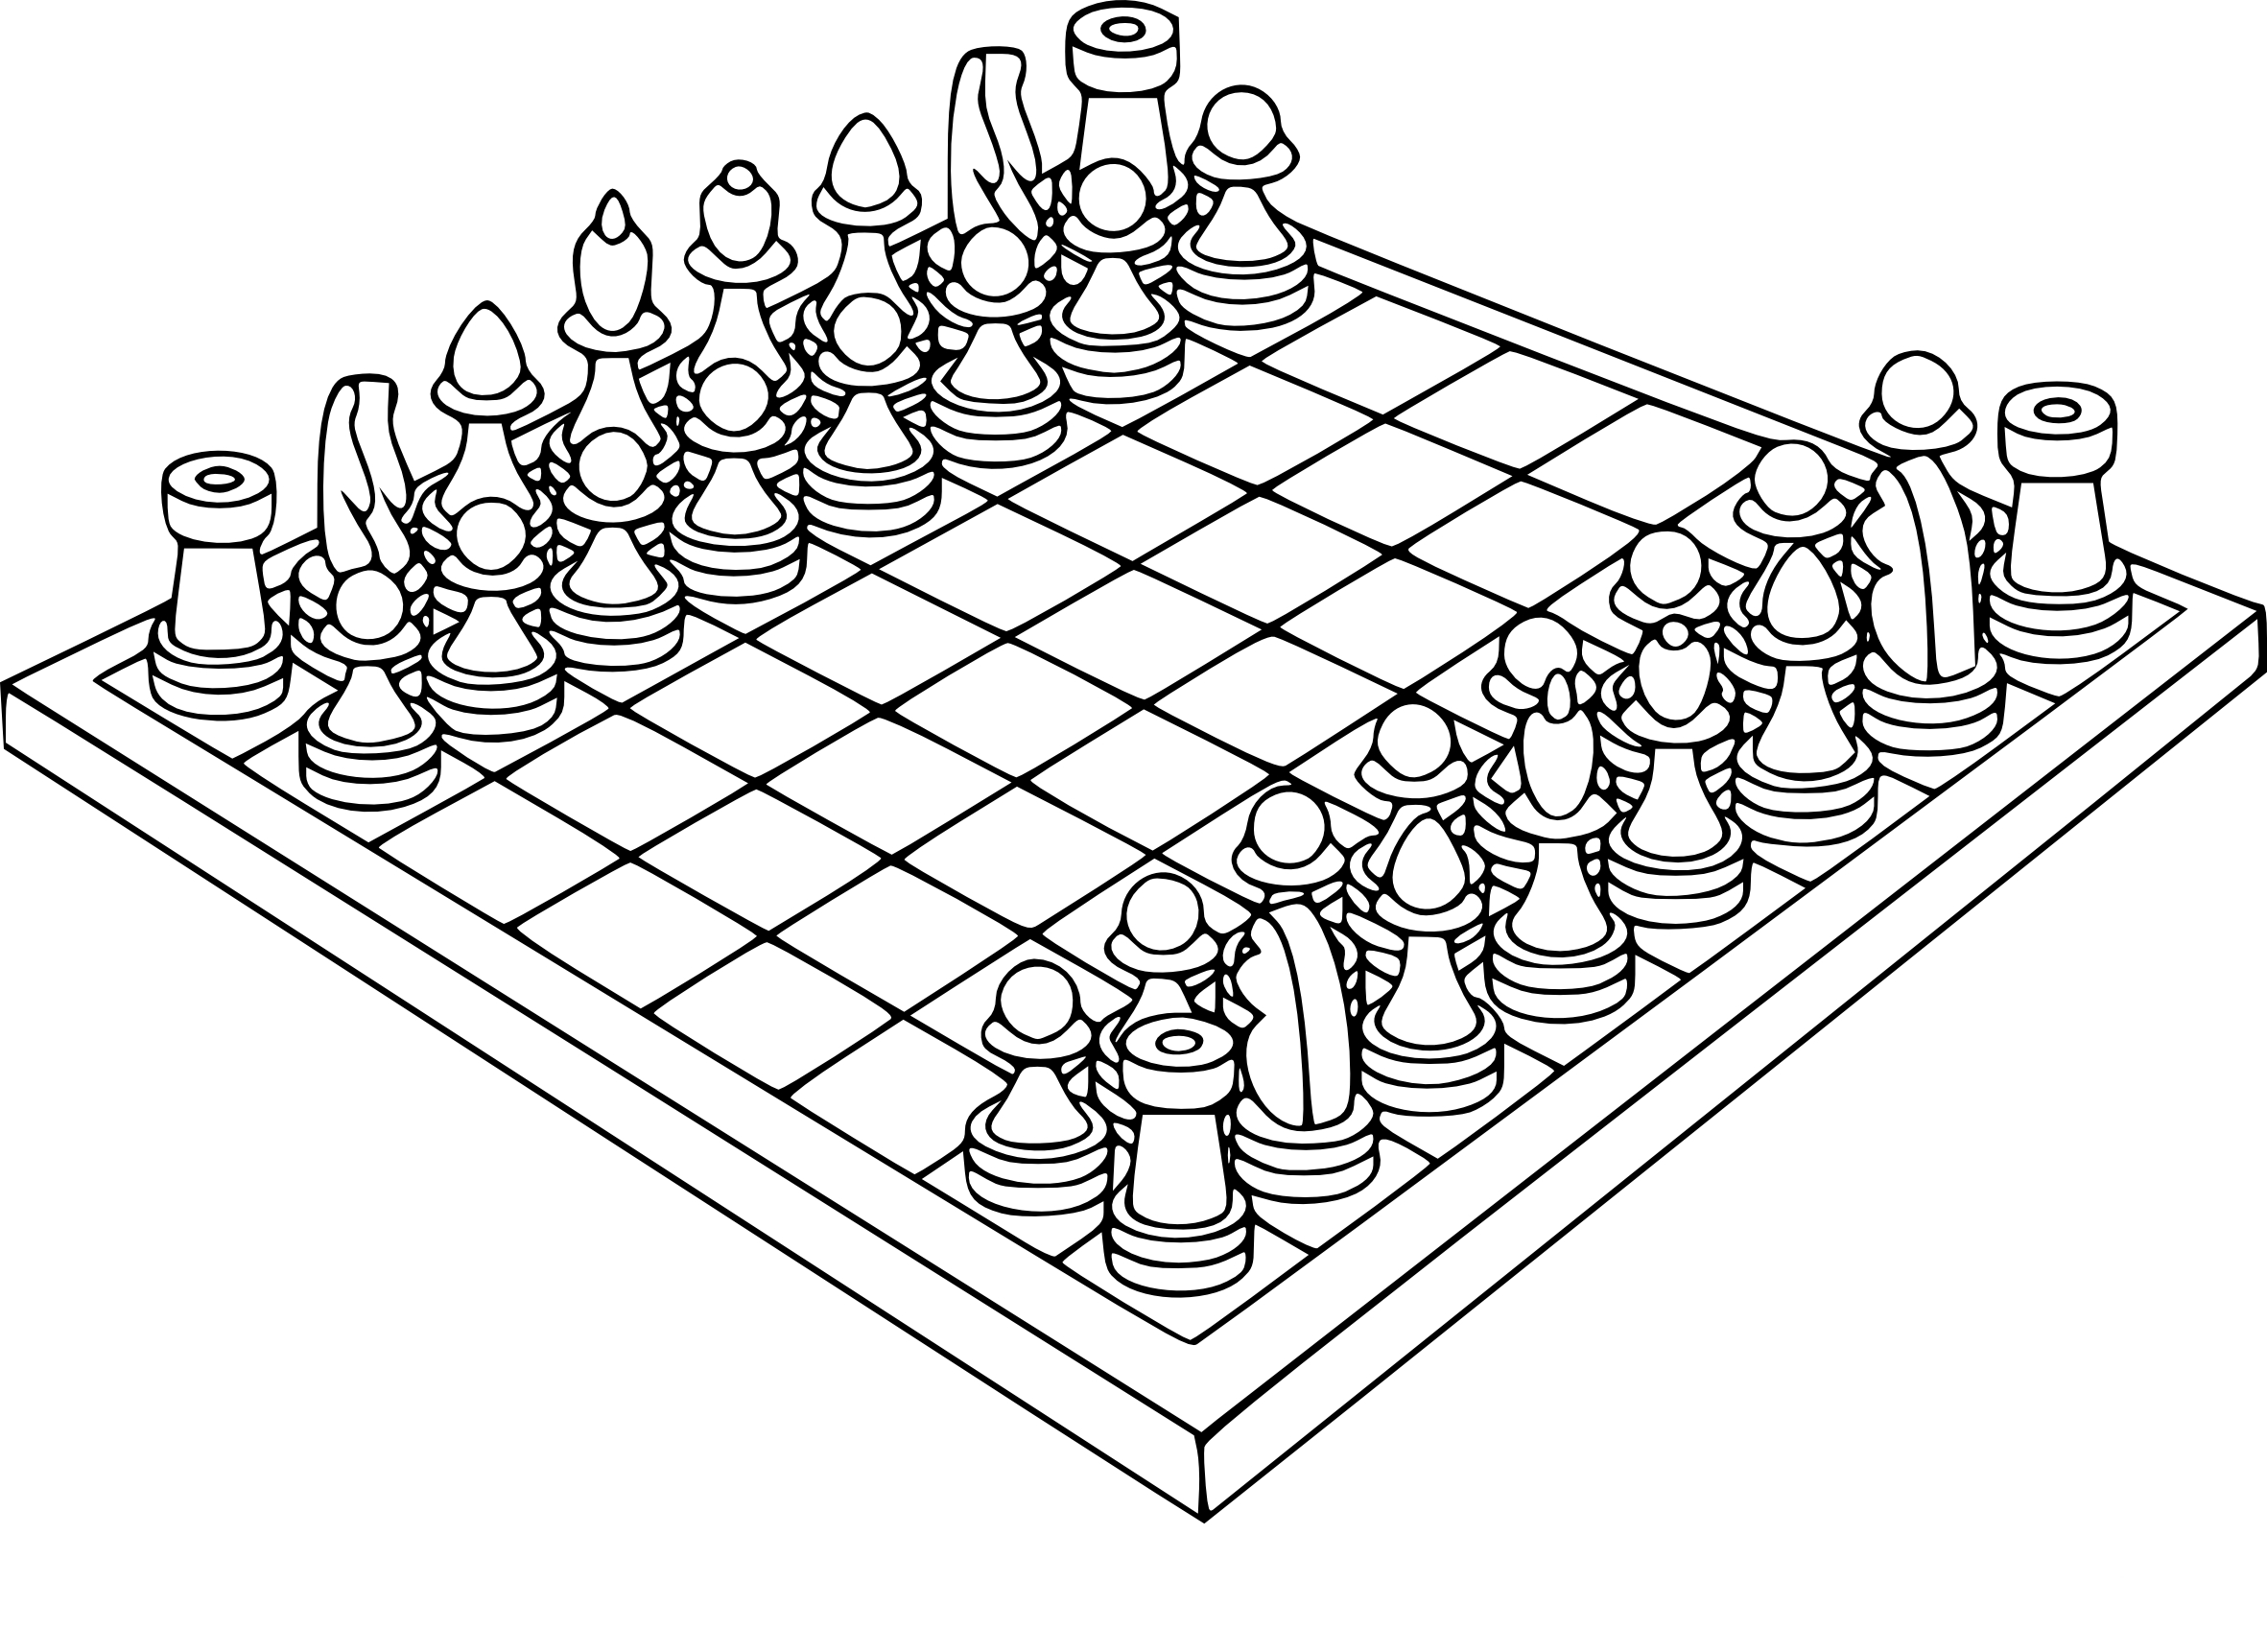 Coloriage Jeu D'échecs à Imprimer